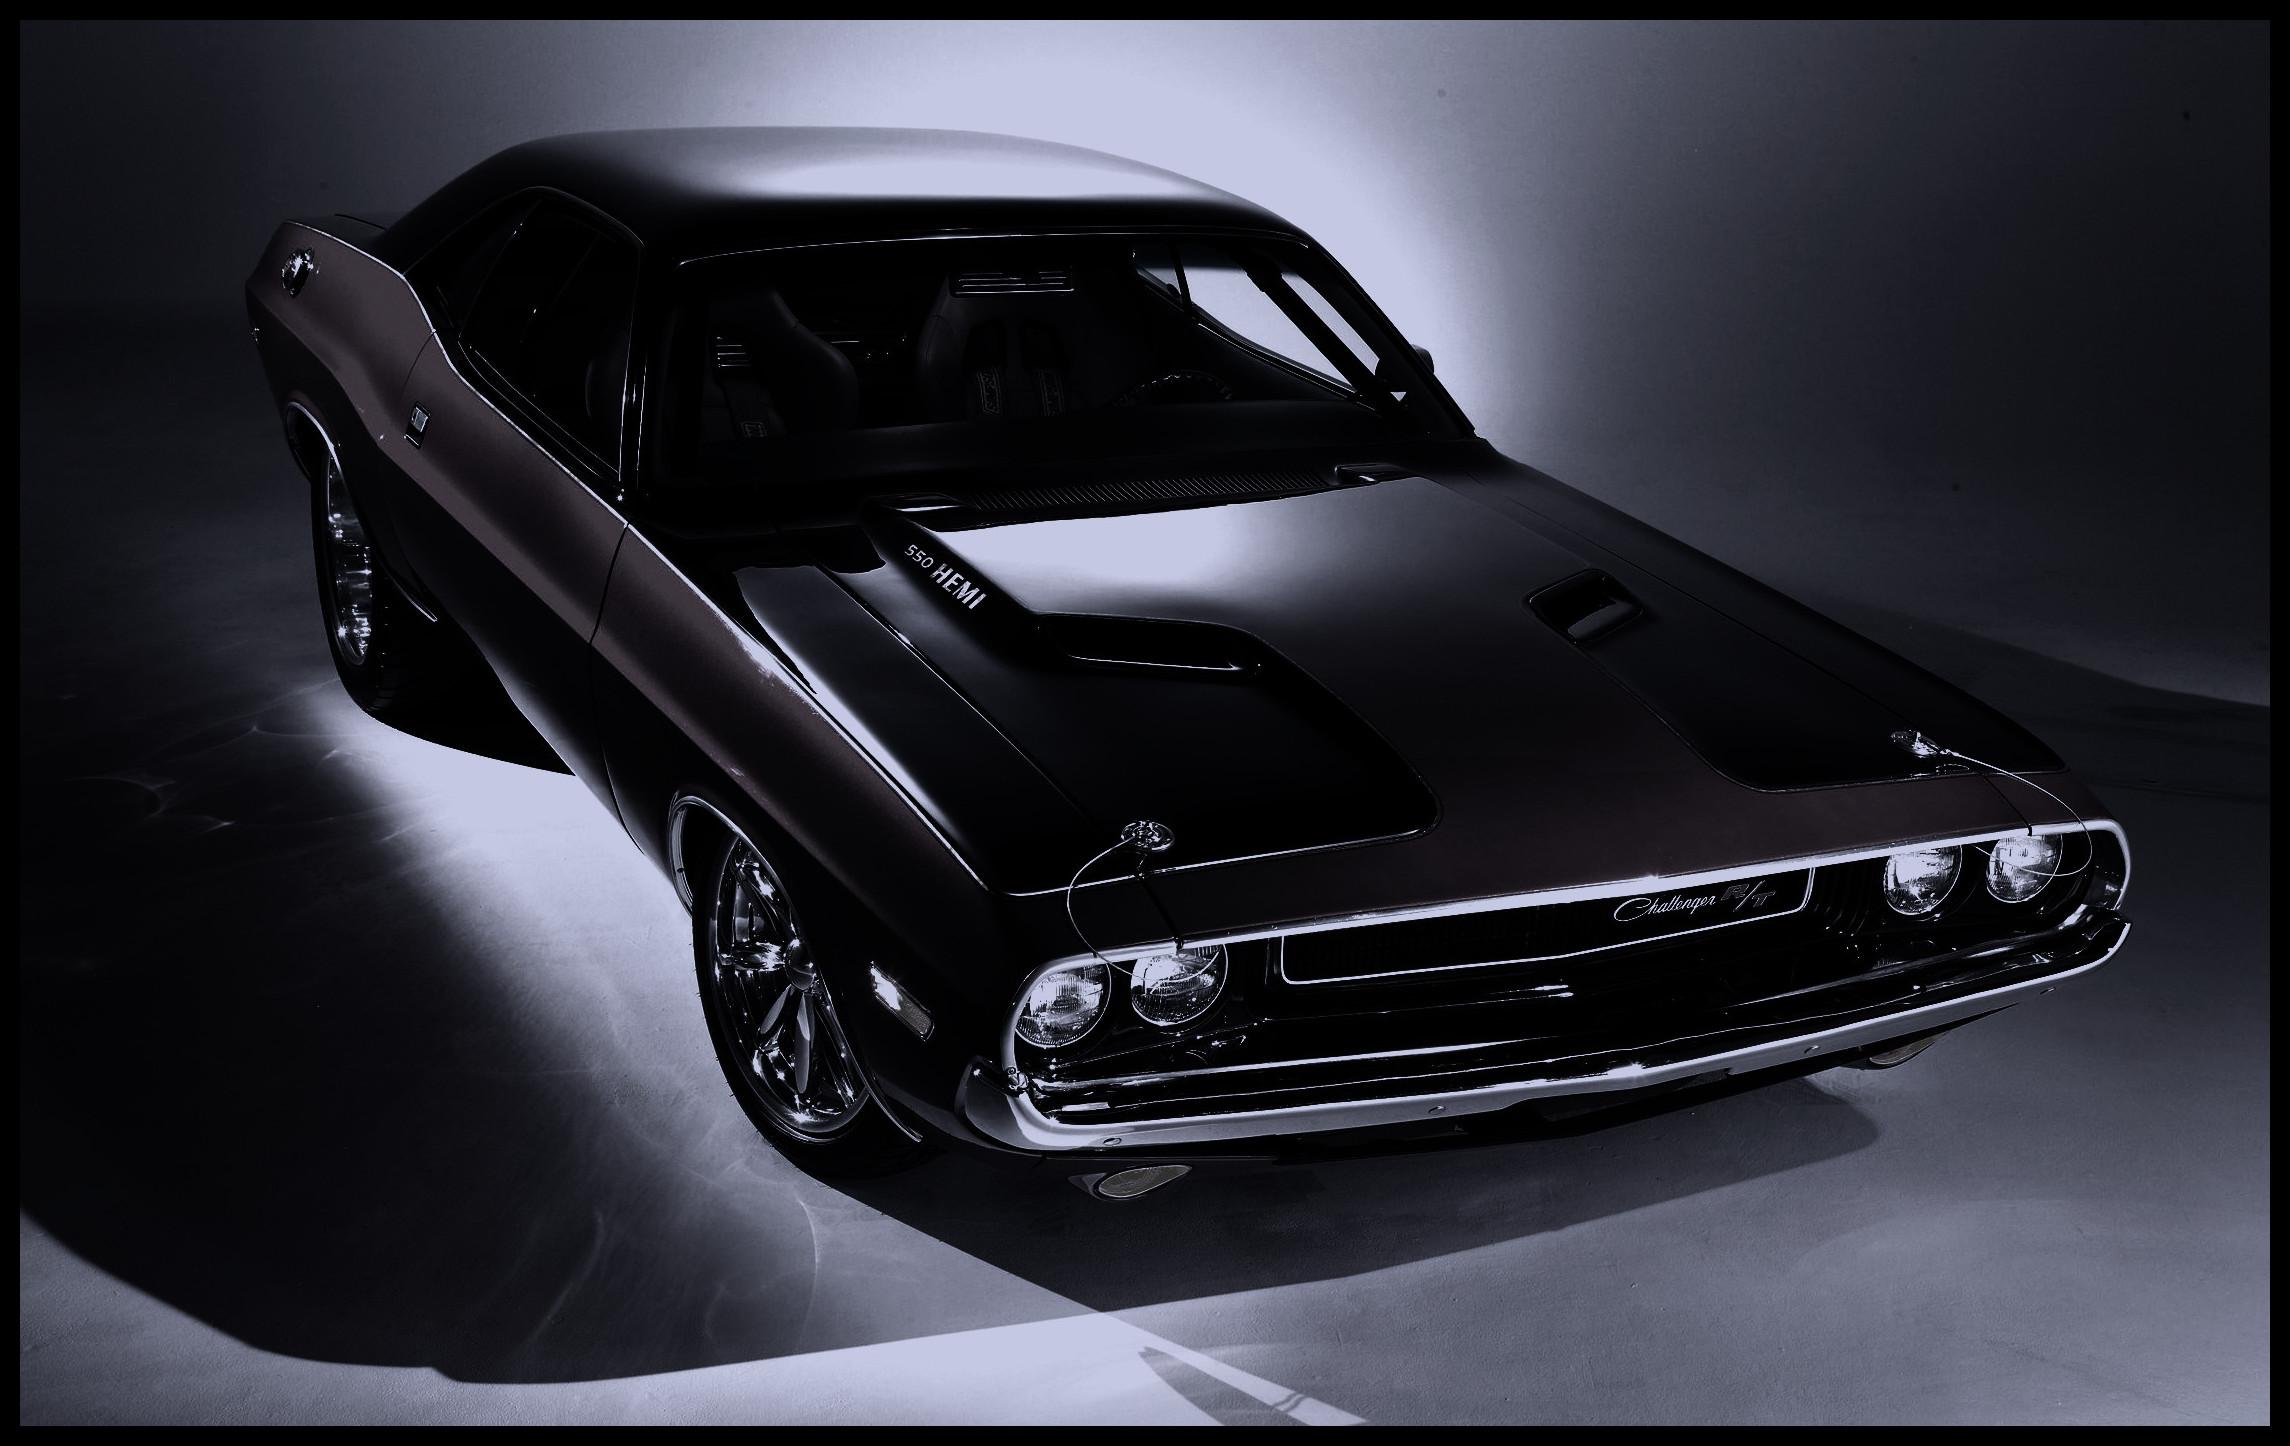 Dodge Challenger   Gotham HD Wallpaper   Hot Wallpapers HD 2290x1446